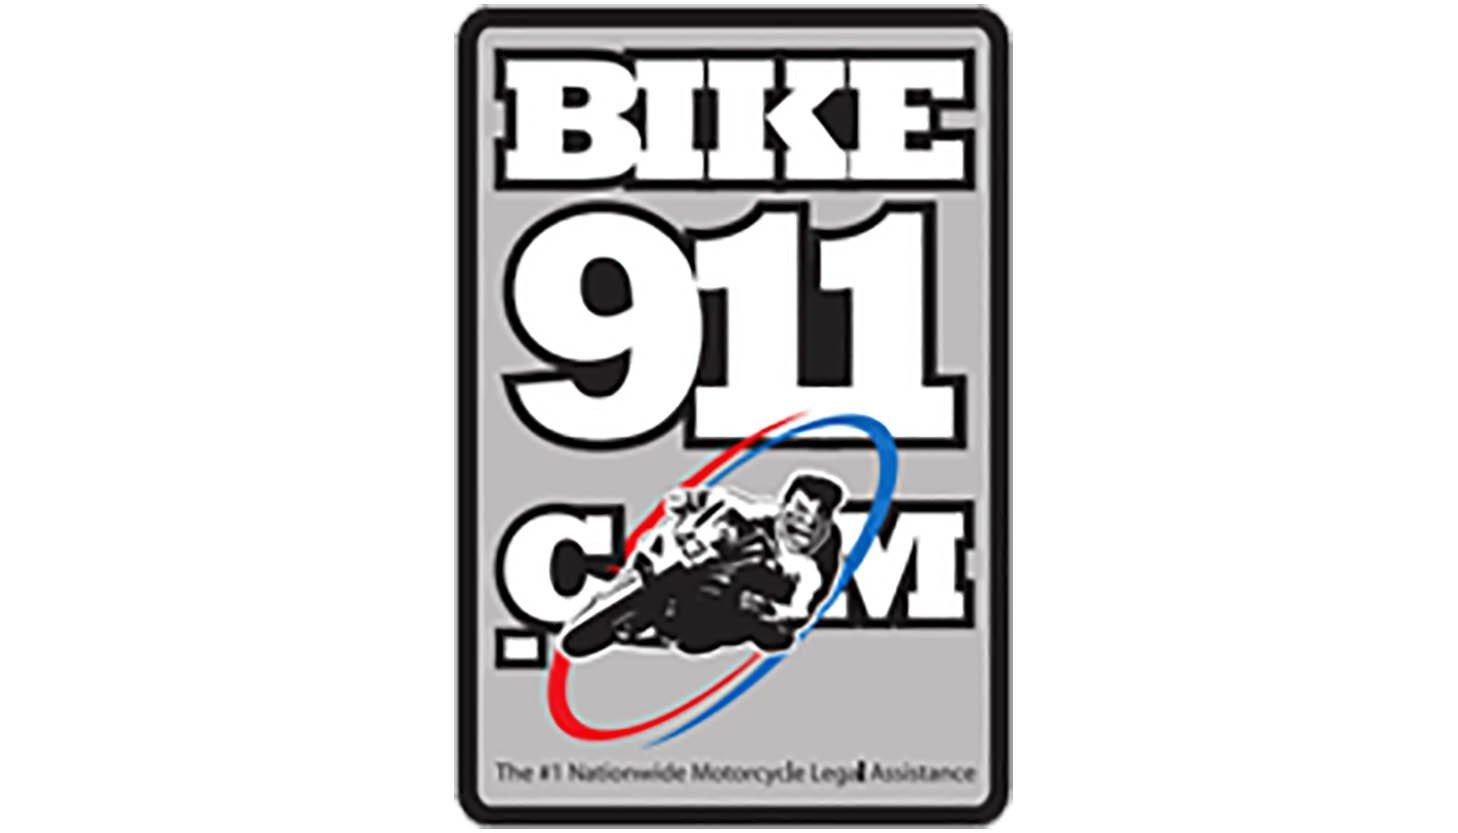 Bike 911